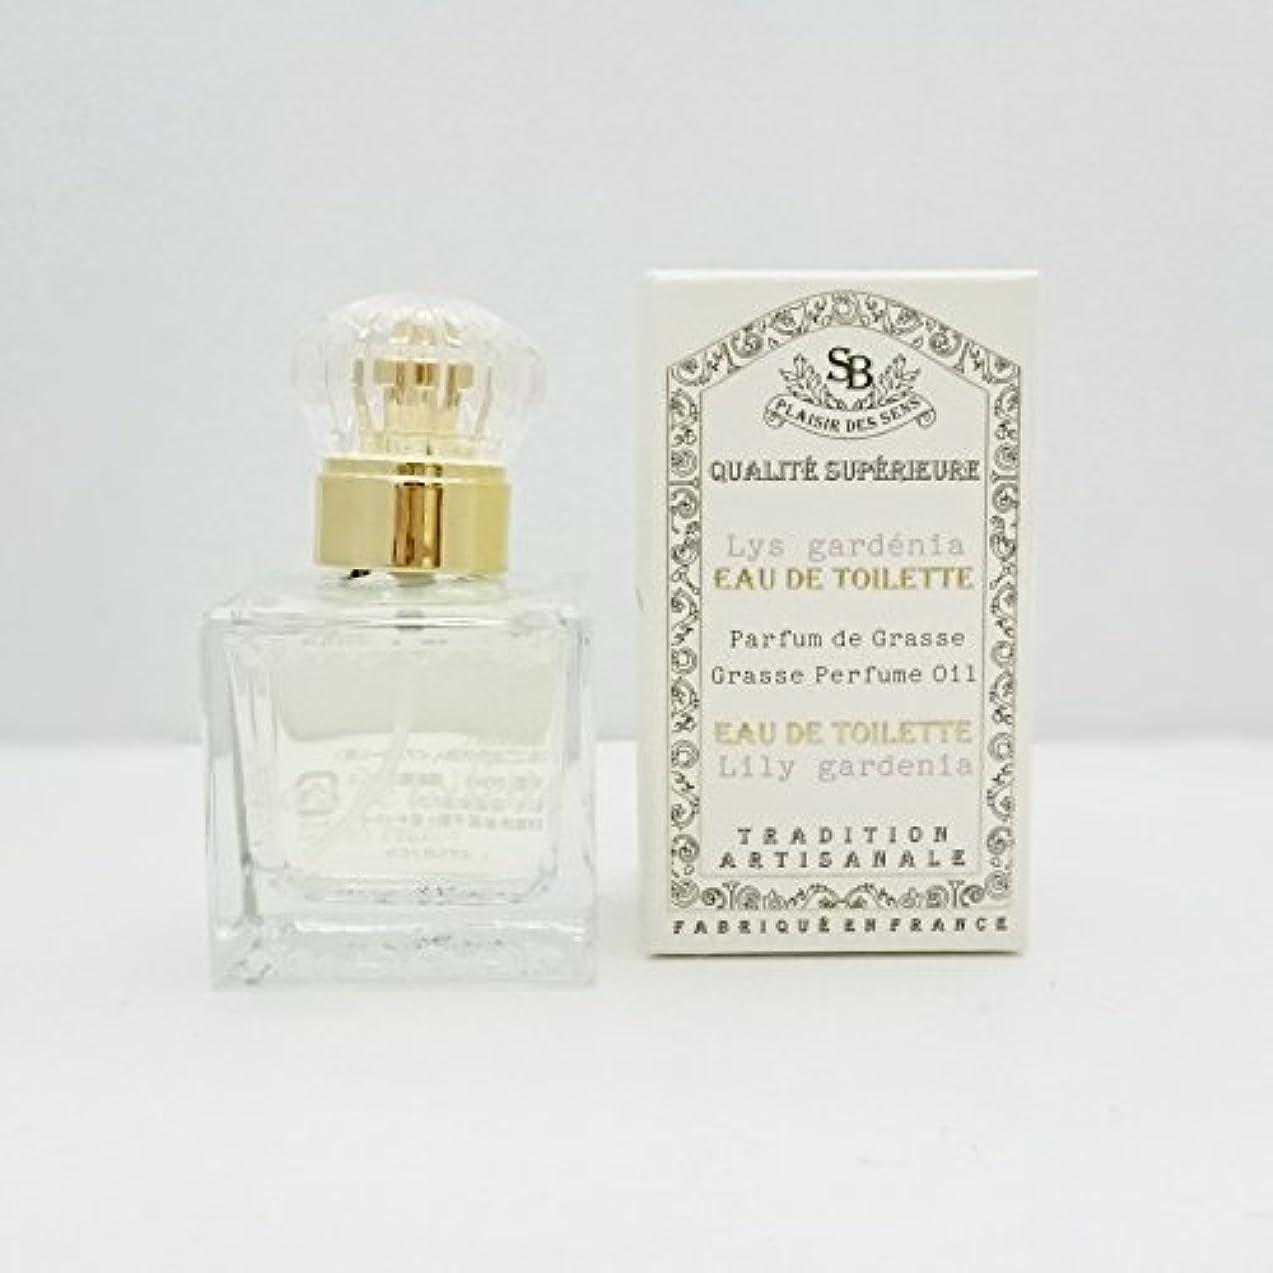 突き出す感嘆符人Senteur et Beaute(サンタールエボーテ) フレンチクラシックシリーズ オードトワレ 30ml 「リリーガーデニア」 4994228021915